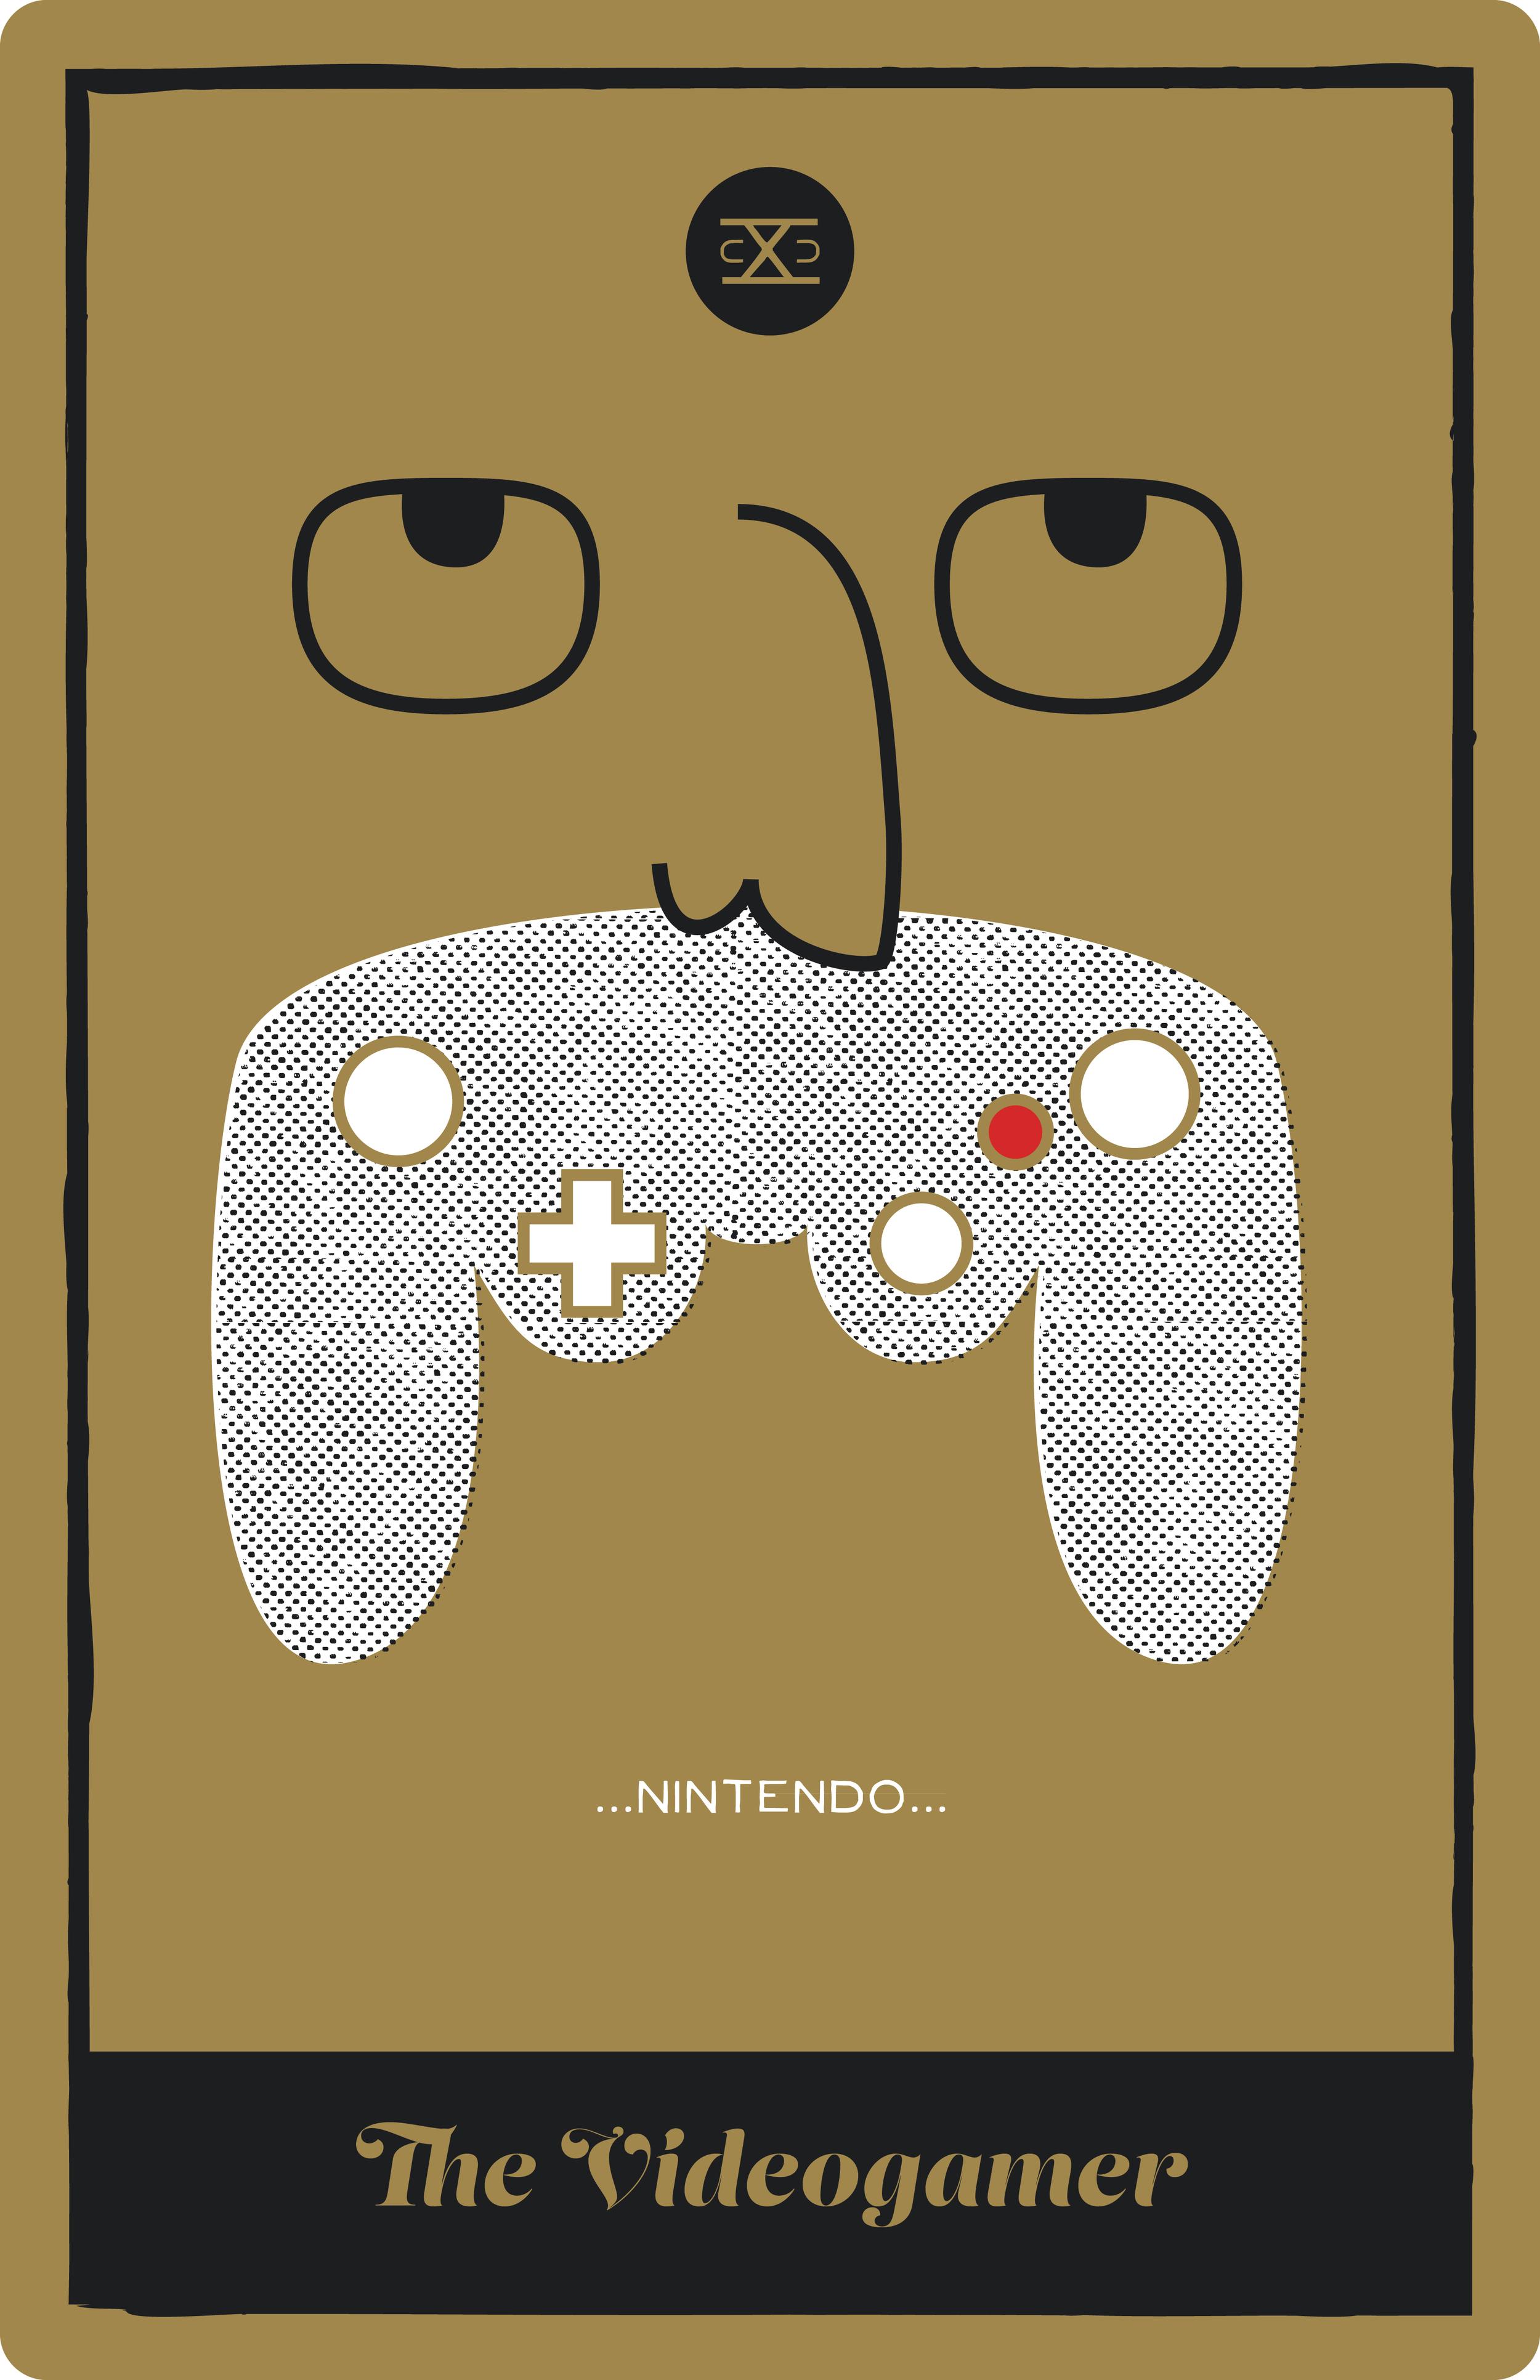 GoldRed_CXD-Tarot-Videogamer-01.jpg